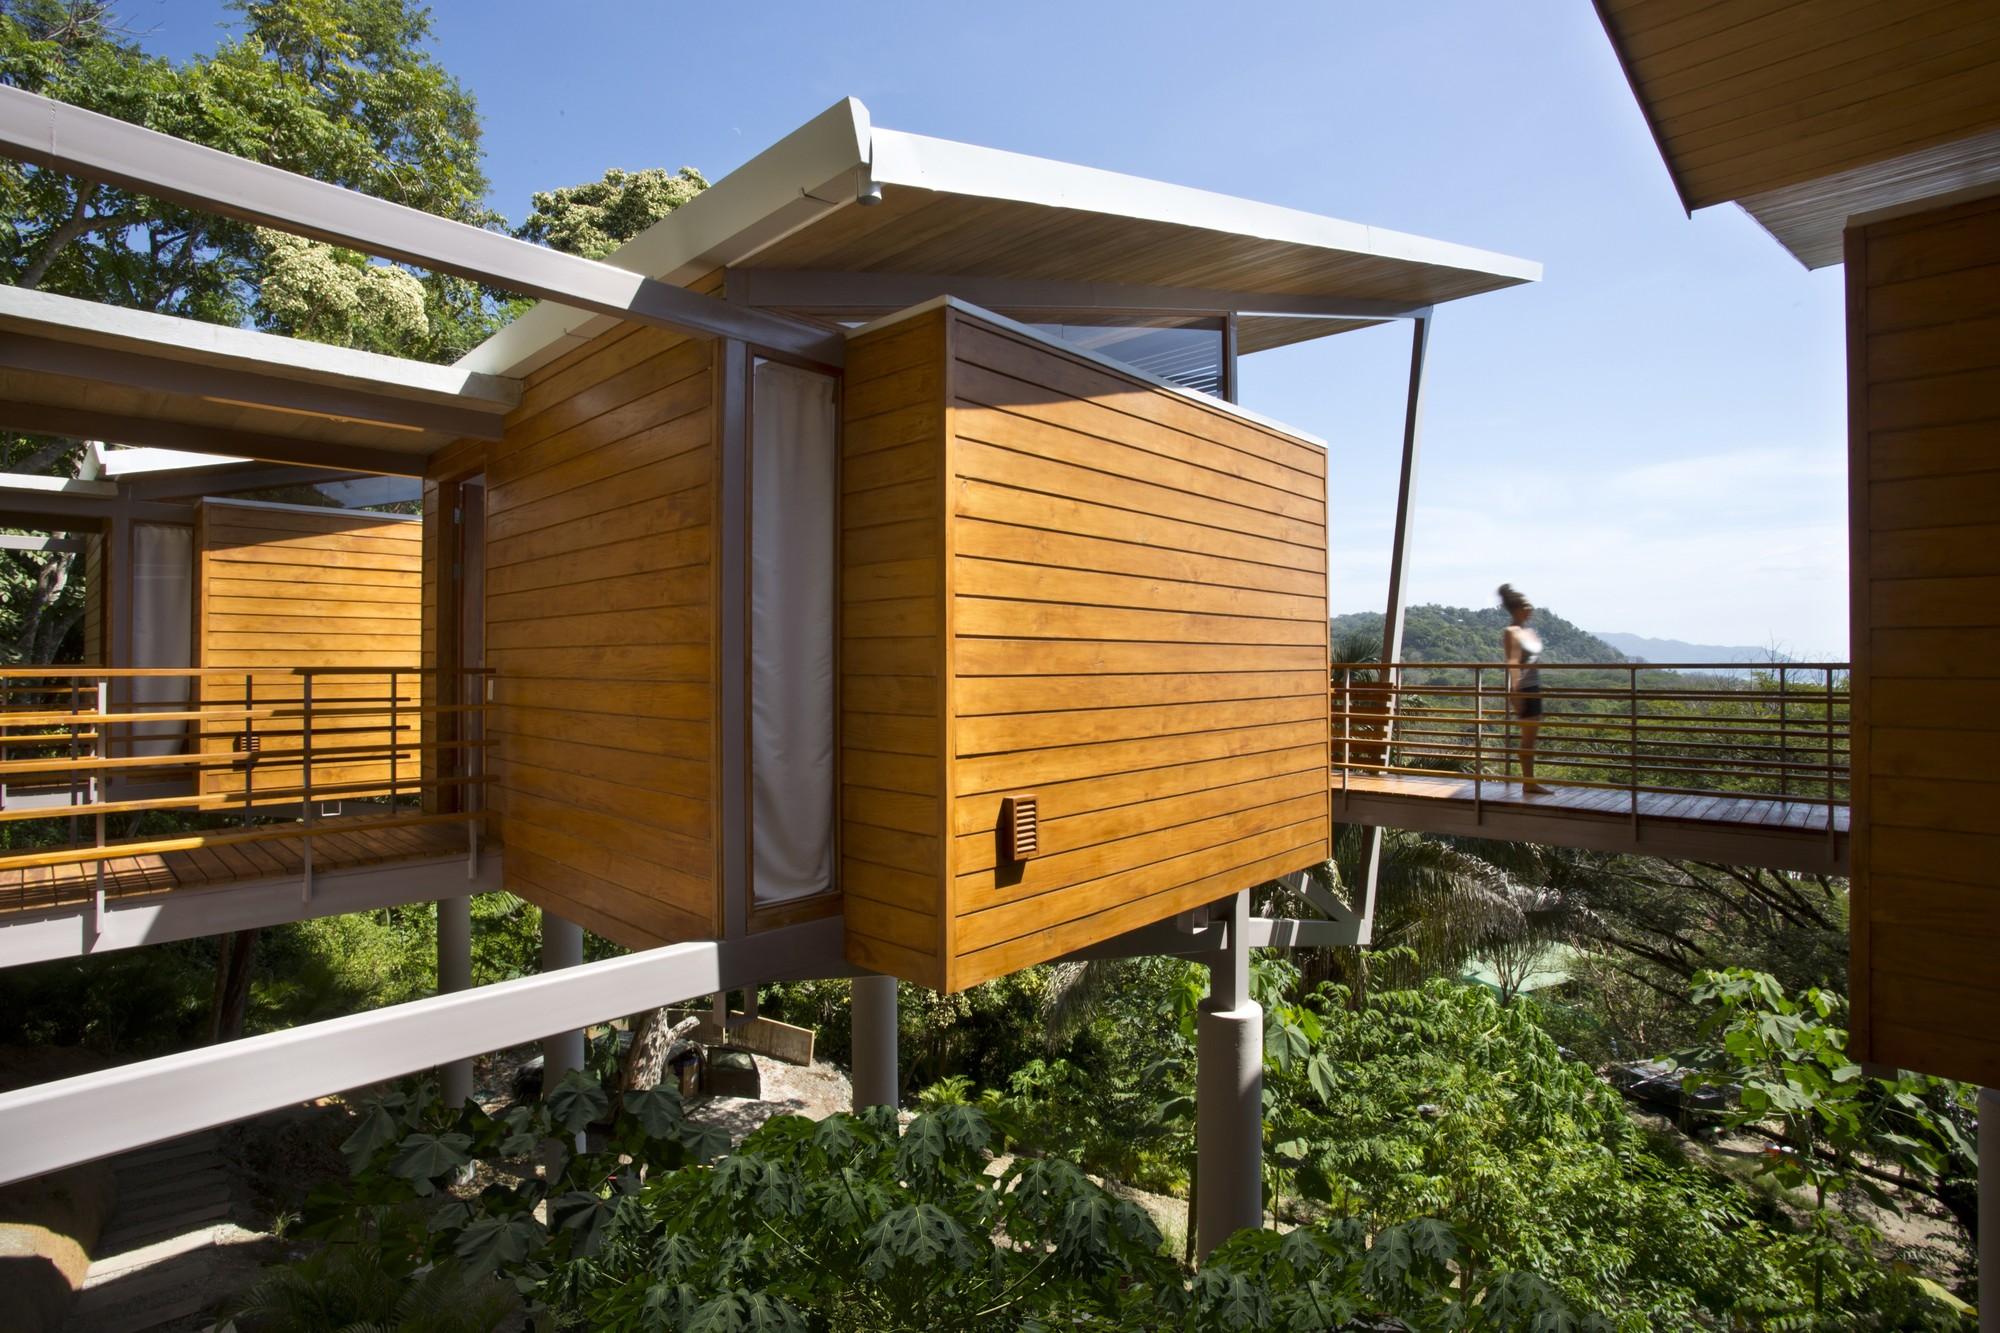 Flotanta House / Benjamin Garcia Saxe Architecture, © Garcia Lachner photography